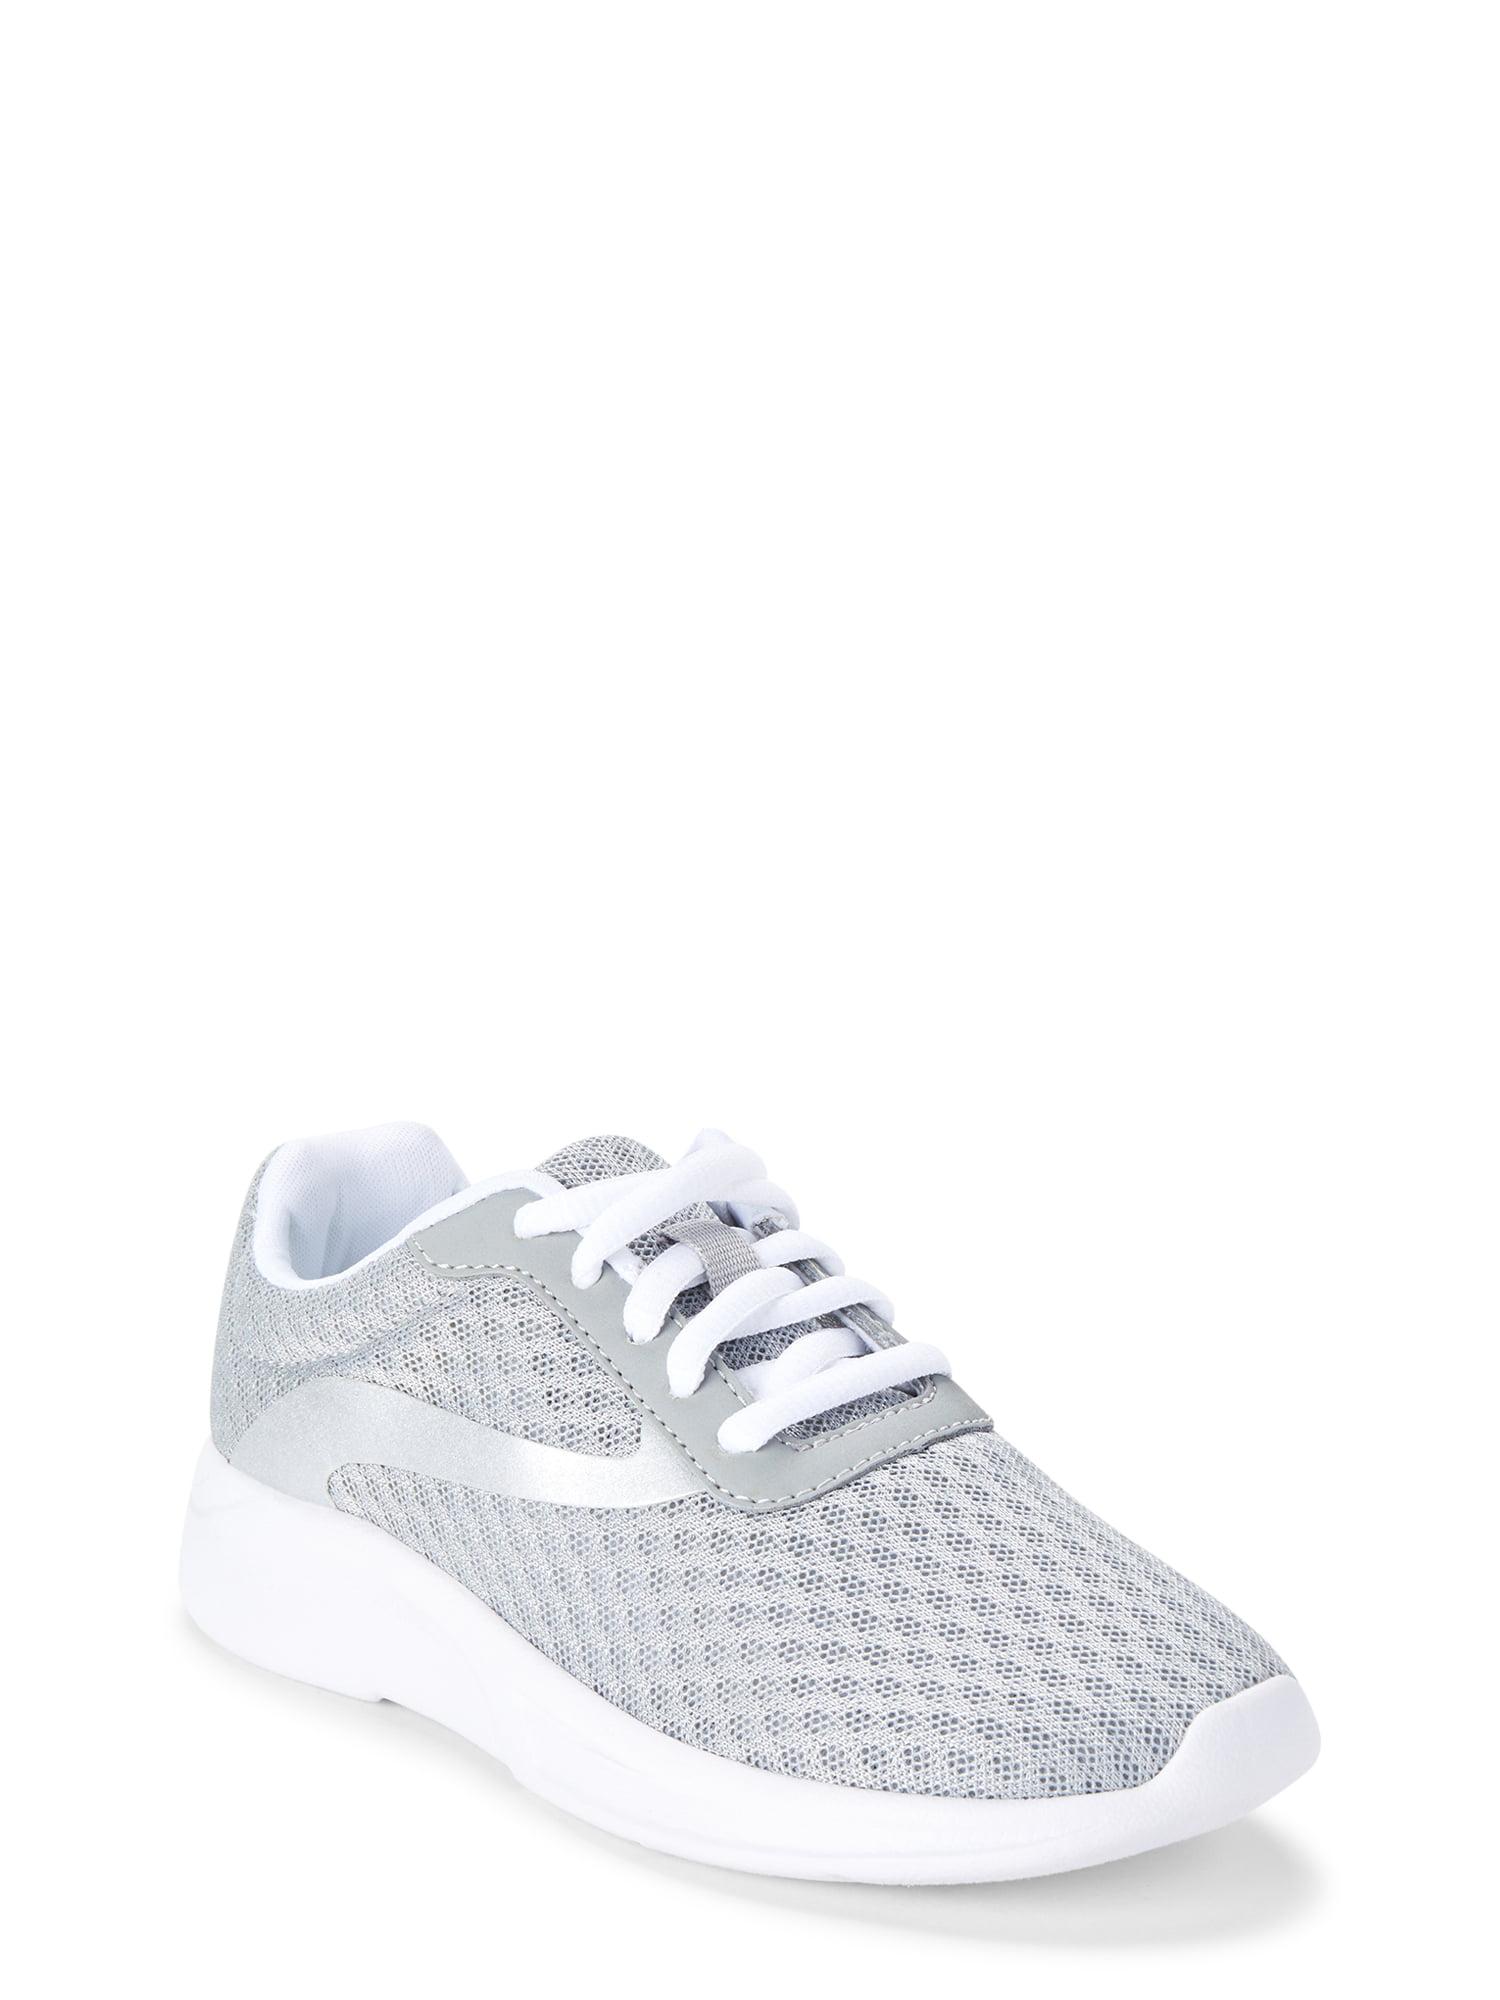 Athletic Works Girls' Mesh Sneakers